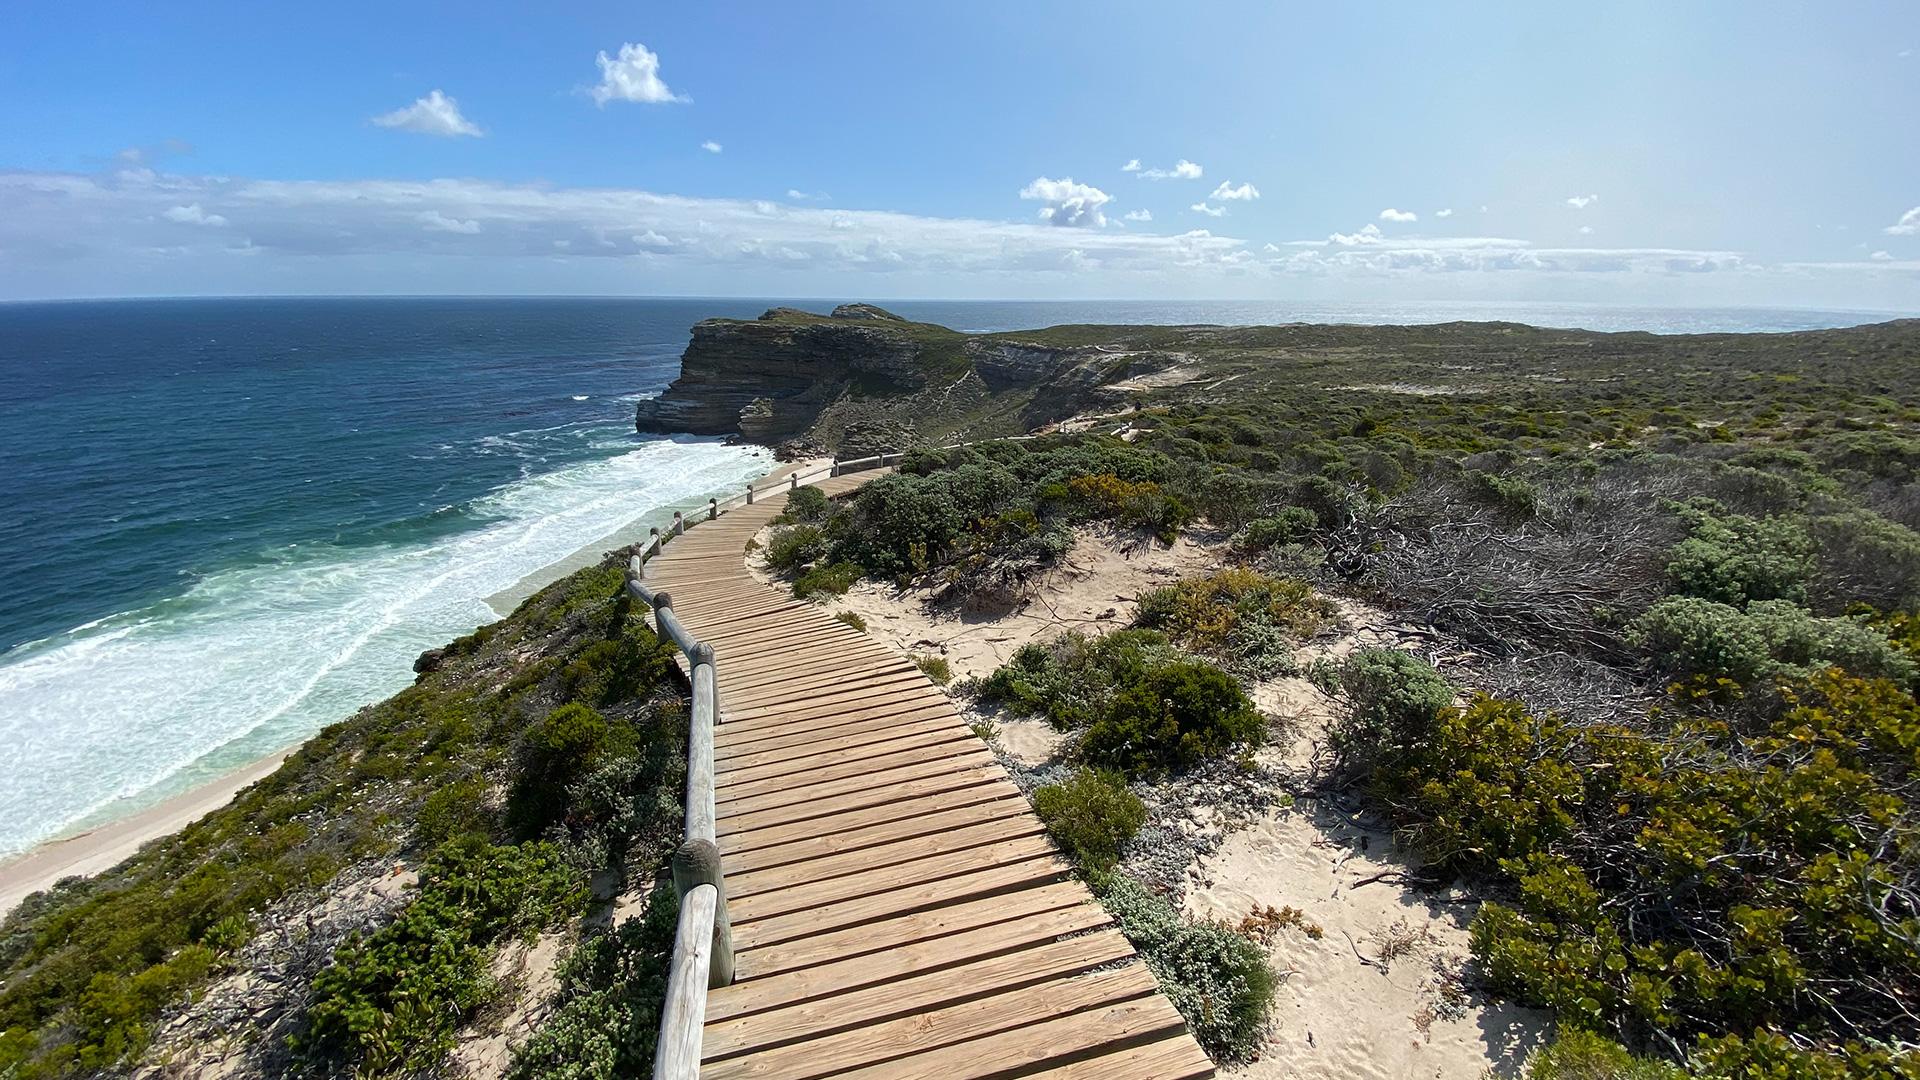 Lightyear One journeys at Kaap die Goeie Hoop, in South Africa